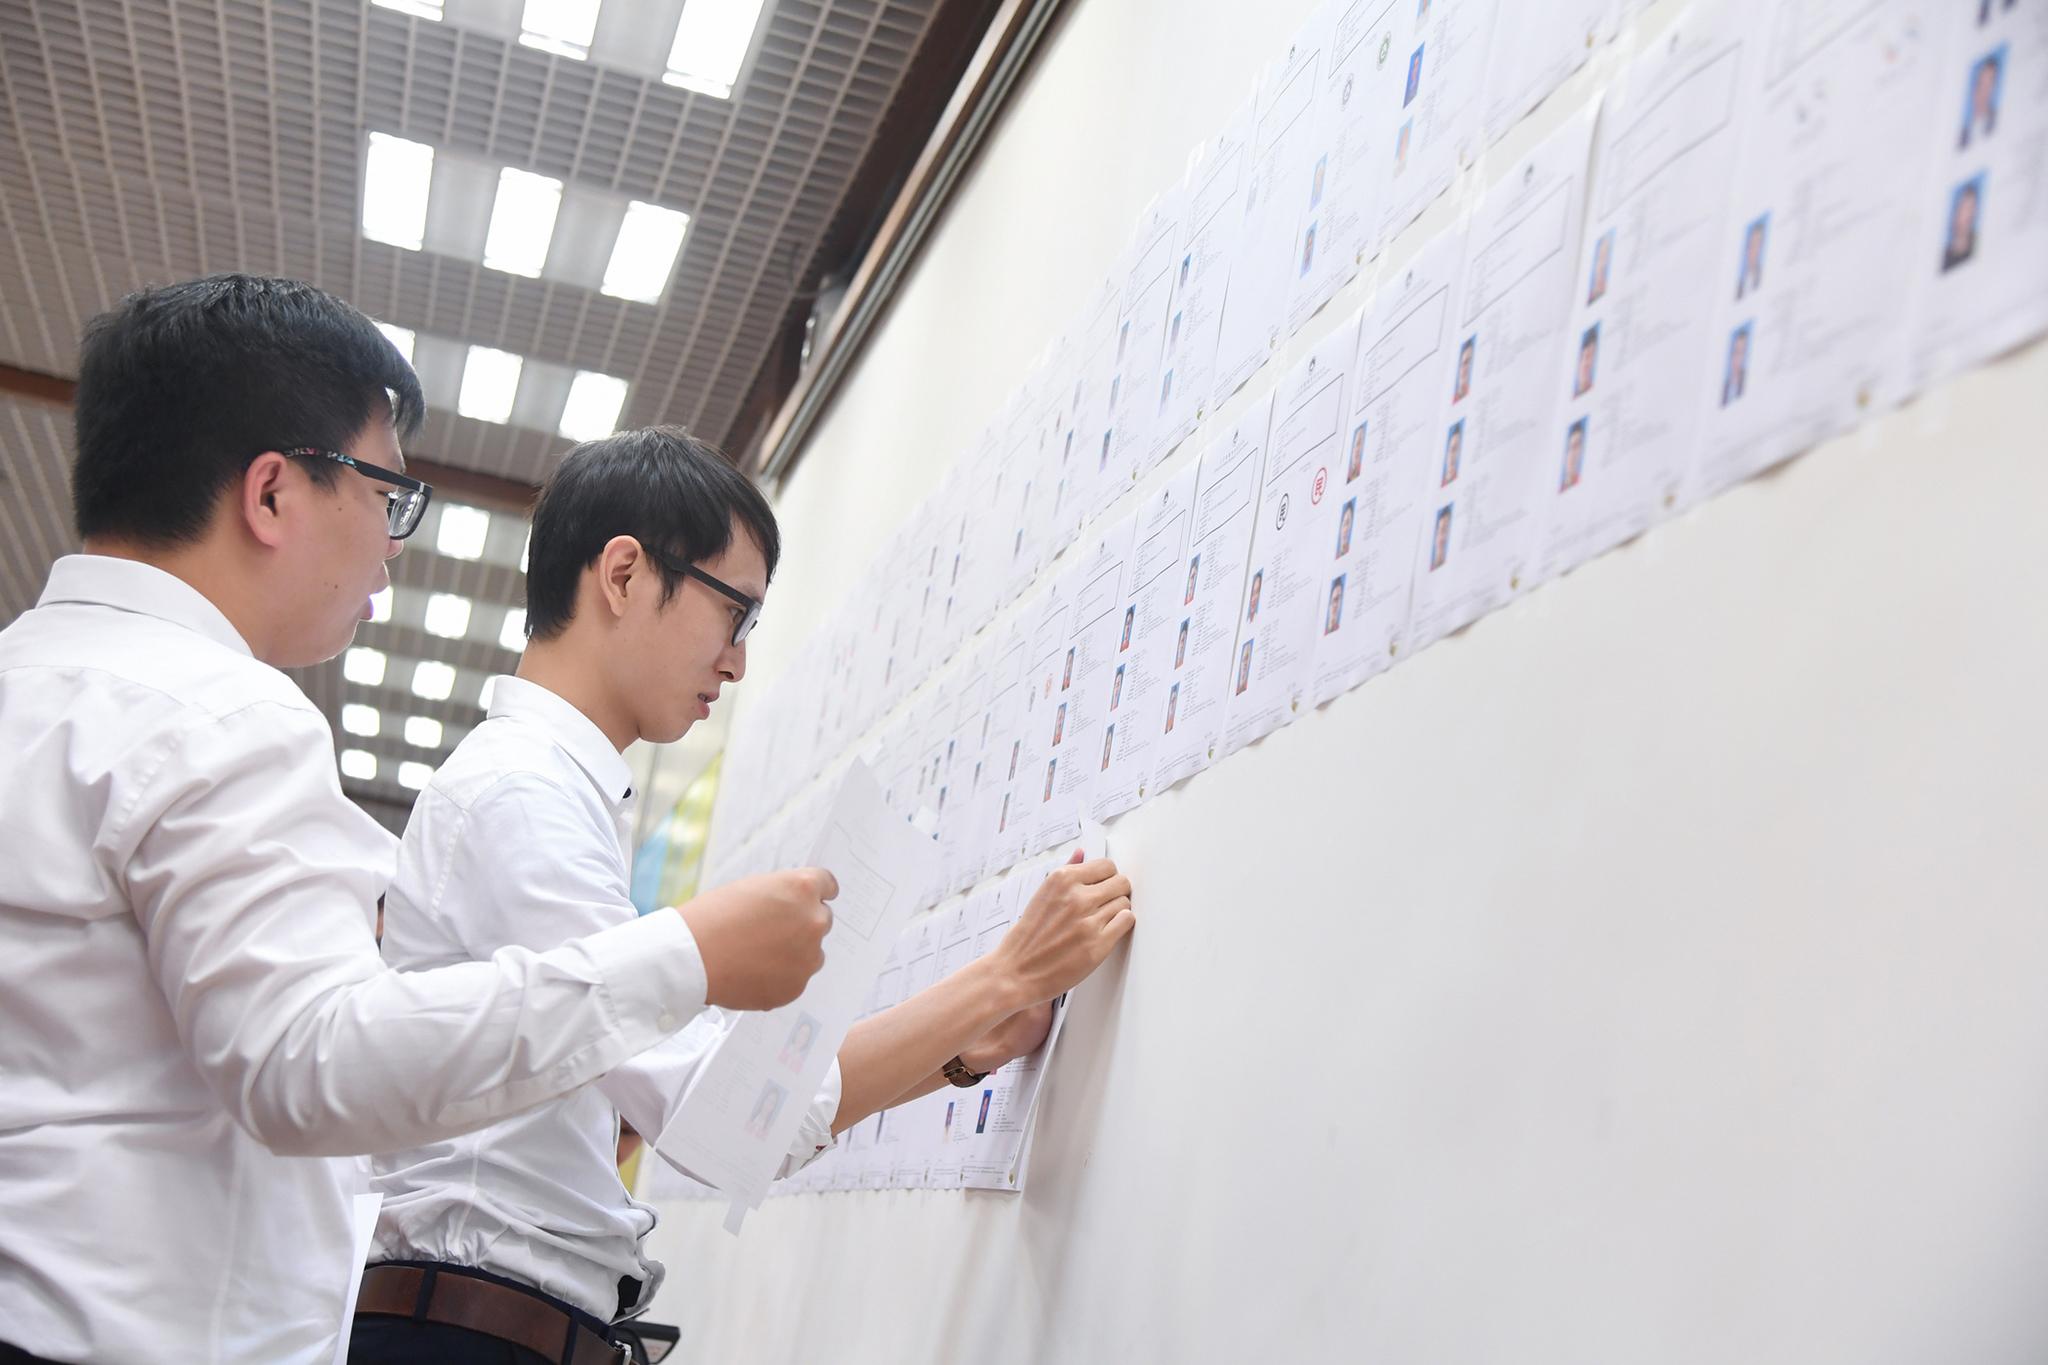 Legislativas   Listas apelam a distribuição postal de informações eleitorais